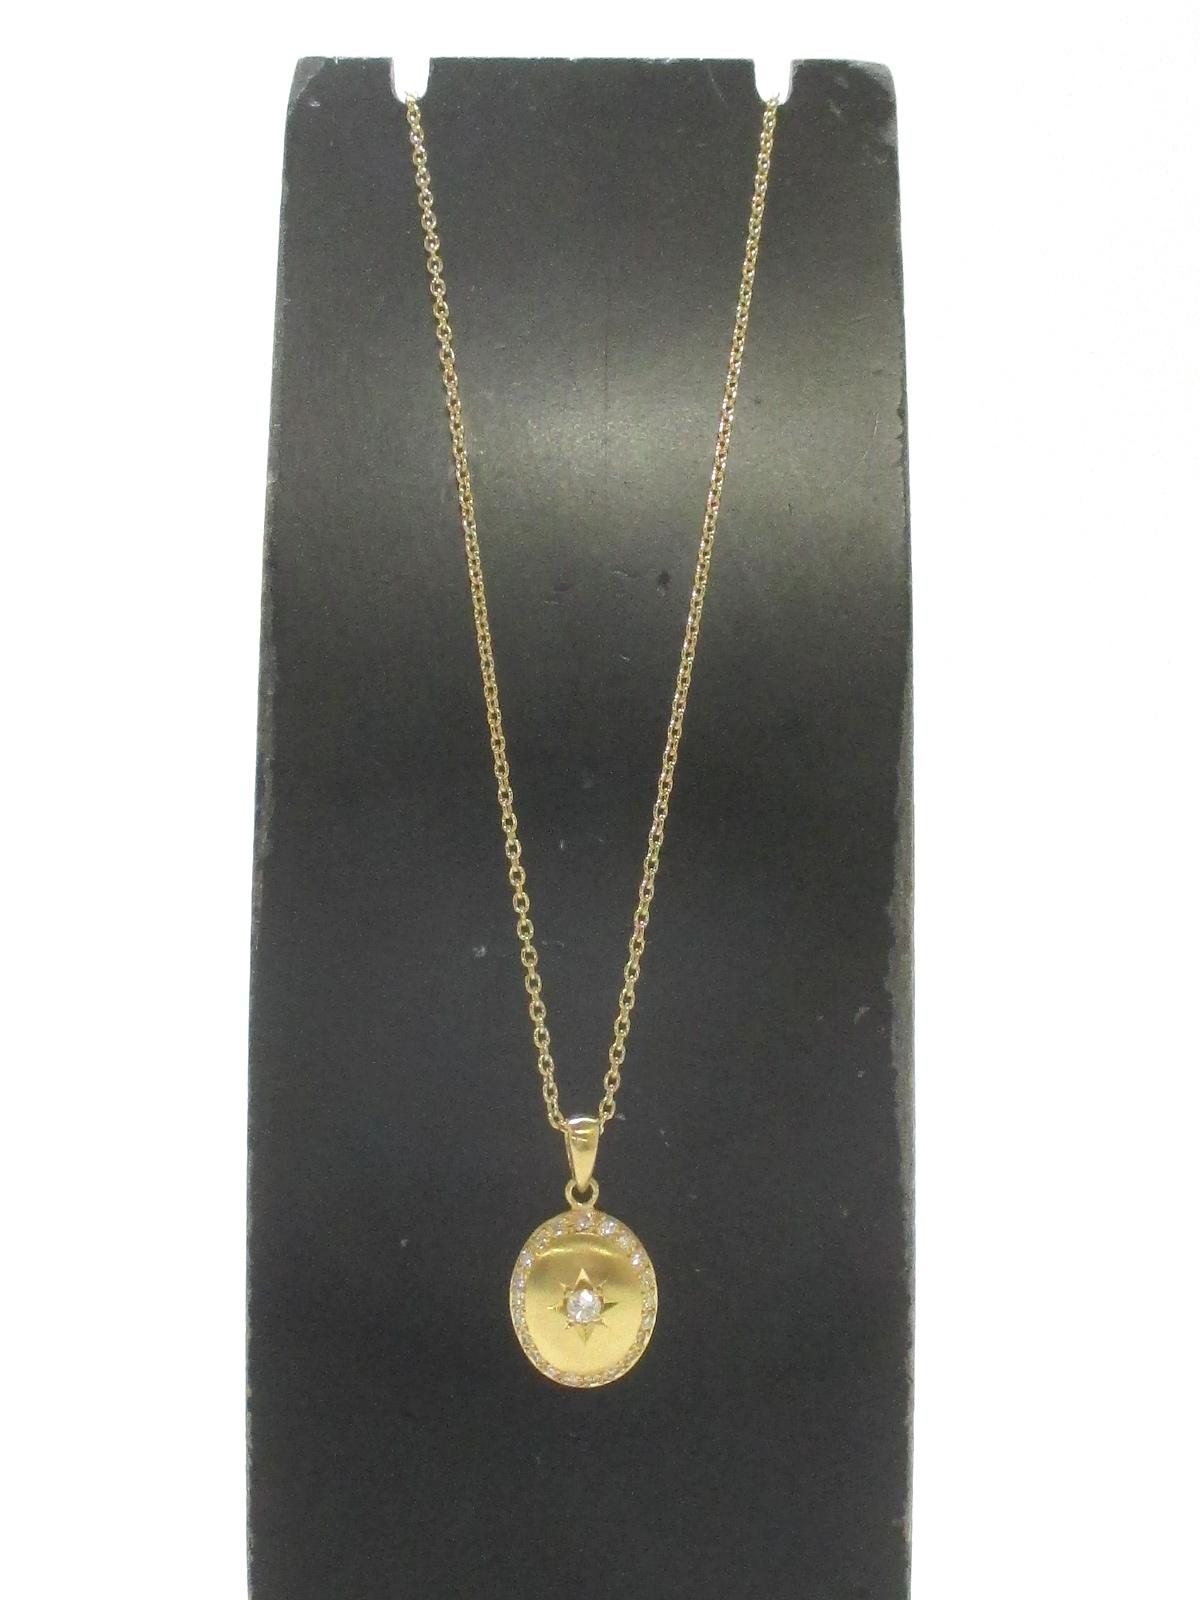 avaron(アヴァロン)のネックレス